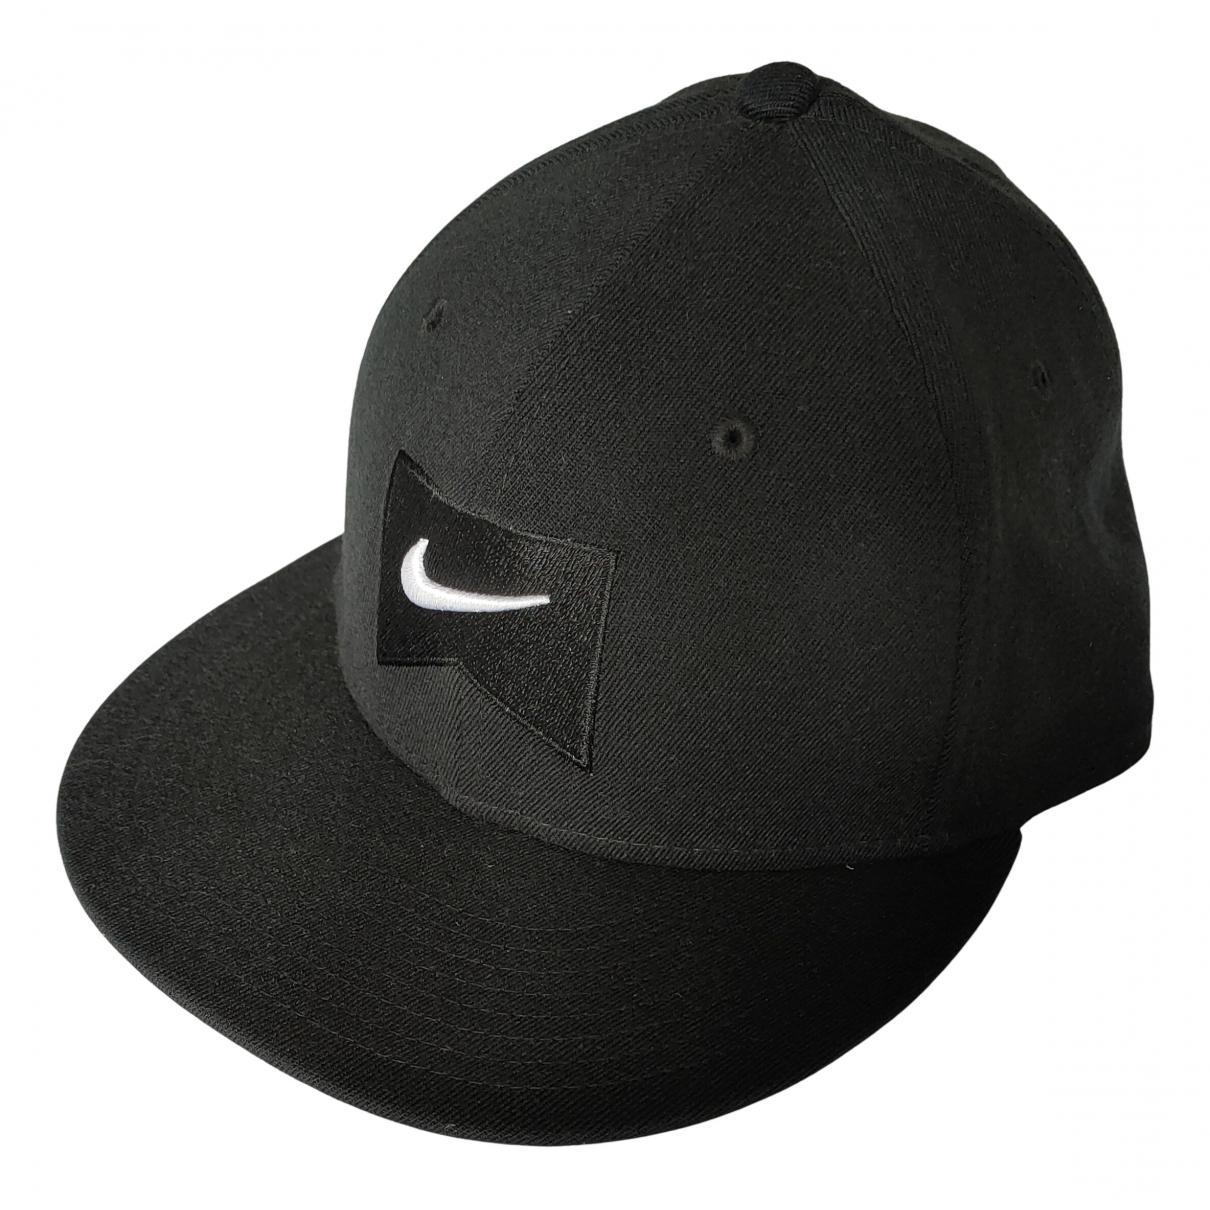 Sombrero / gorro de Lana Nike